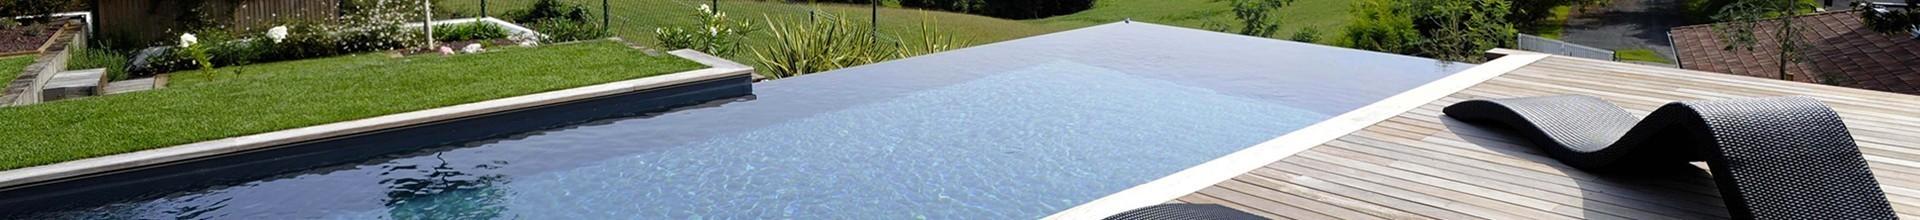 Direct usine, piscine coque prix Occitanie